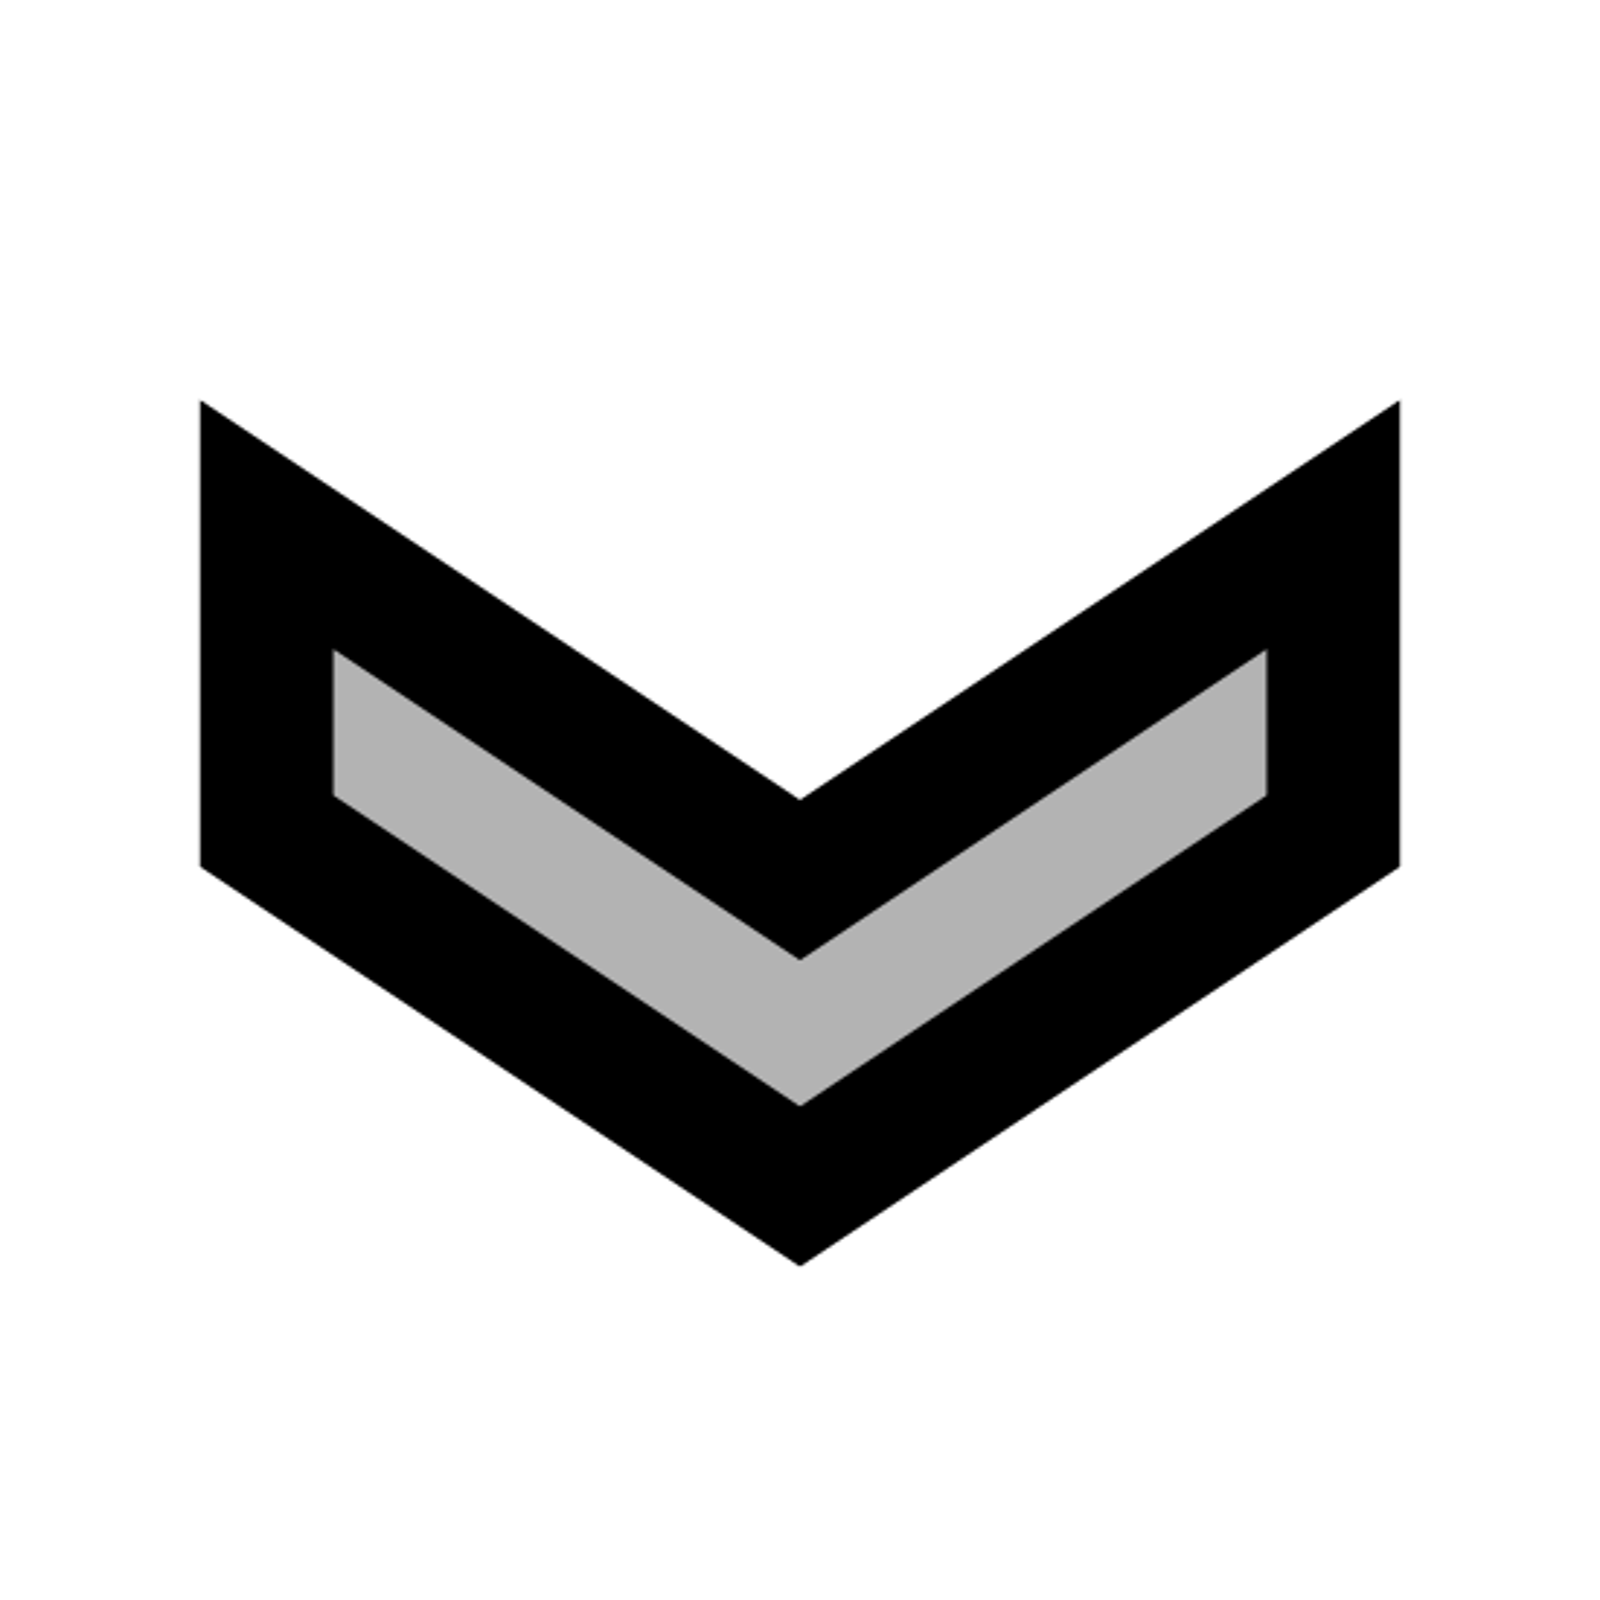 Chevron Down icon